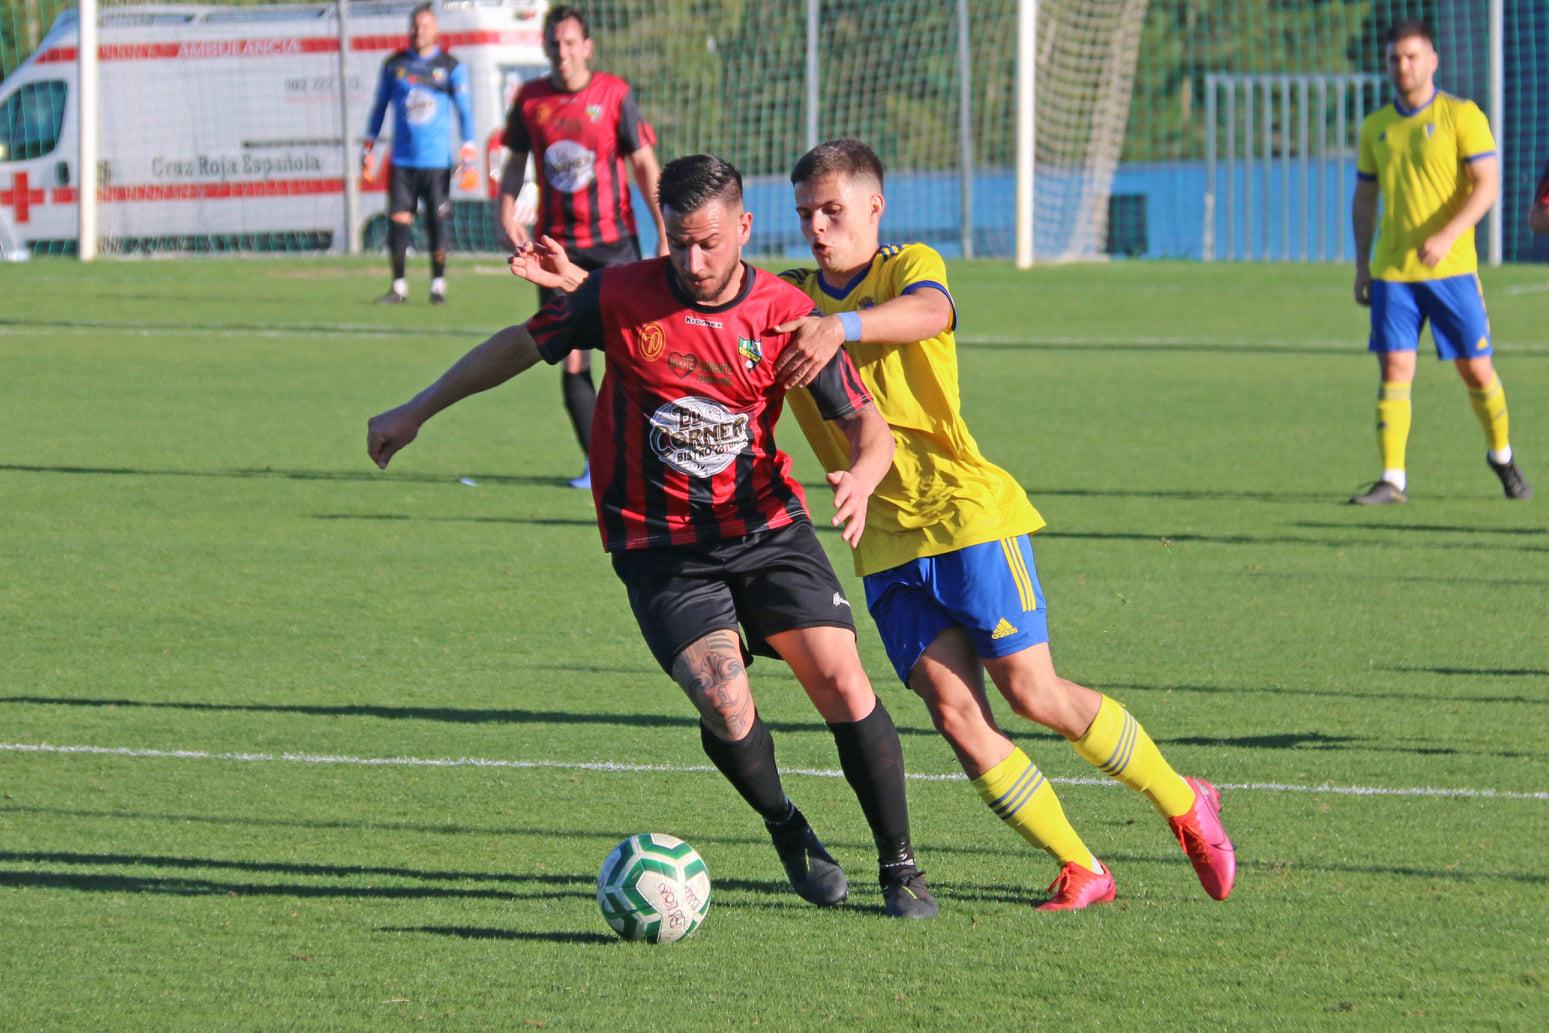 Derrota ante un Balón de Cádiz que jugará la final por el ascenso a División de Honor